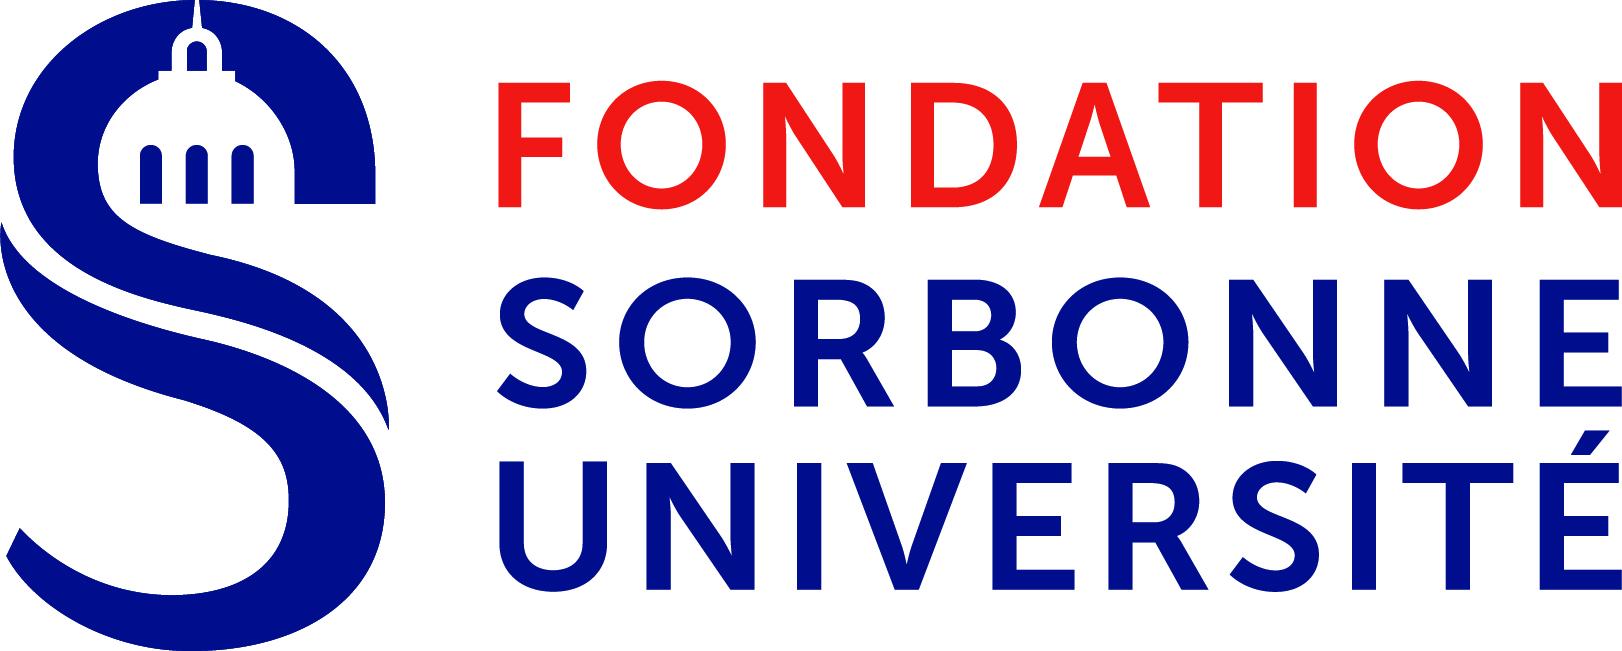 FONDATION SORBONNE UNIVERSITE